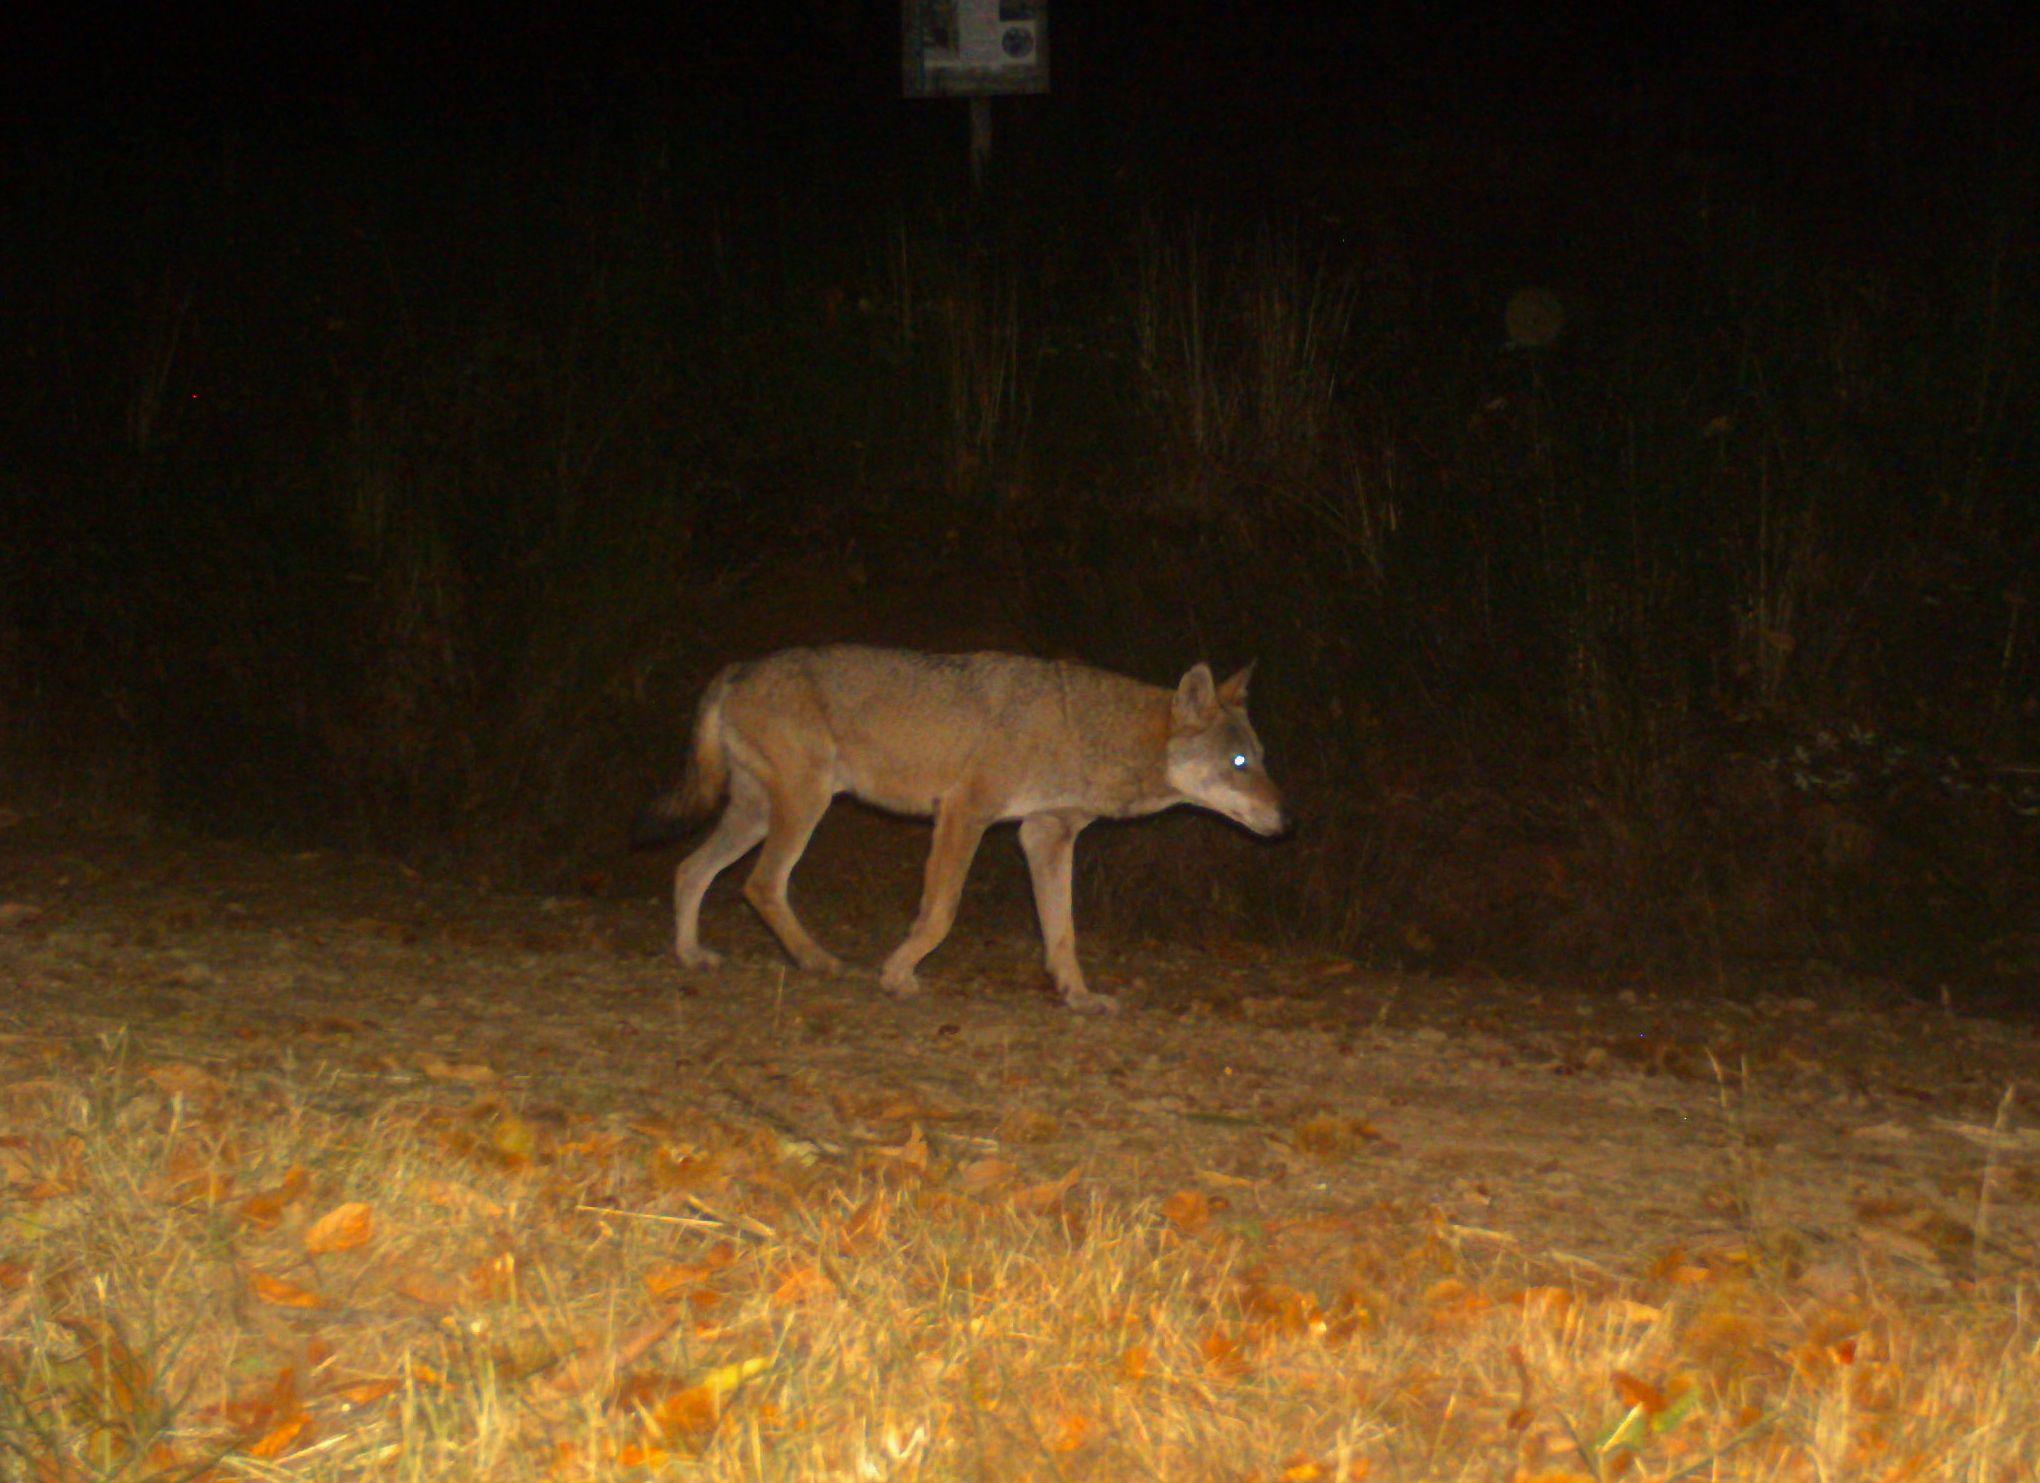 Wolf howling al parco dell'Acquerino, ovvero parla coi lupi